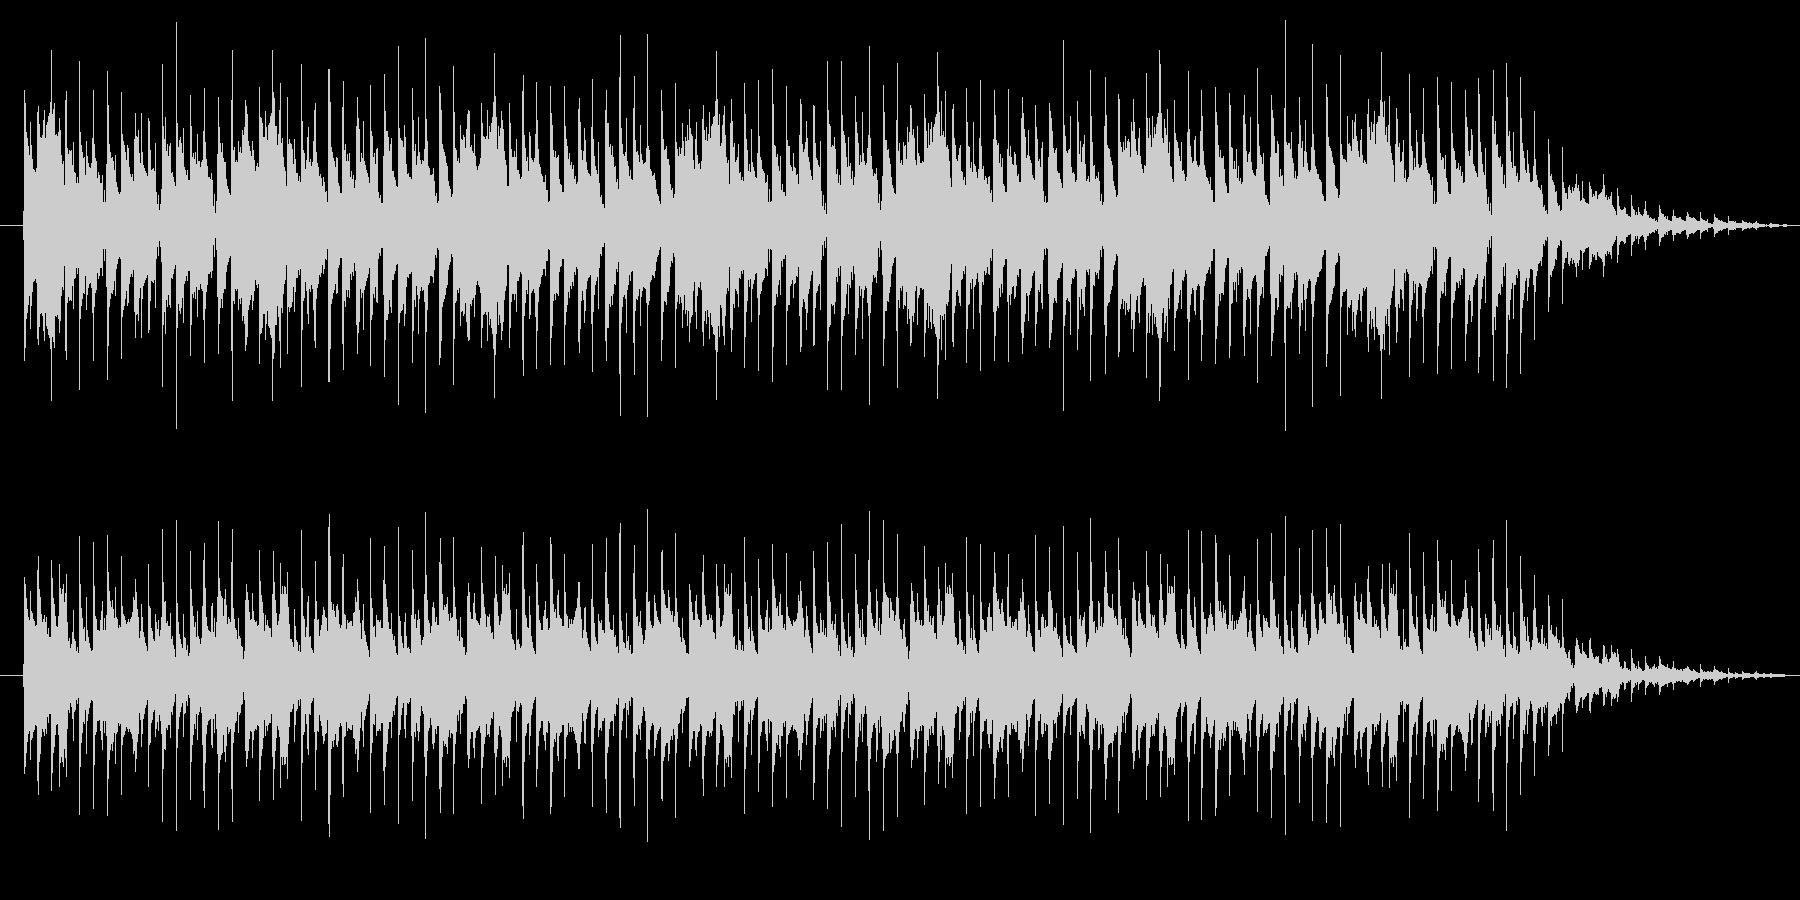 リバース音が特徴的なテクノの未再生の波形